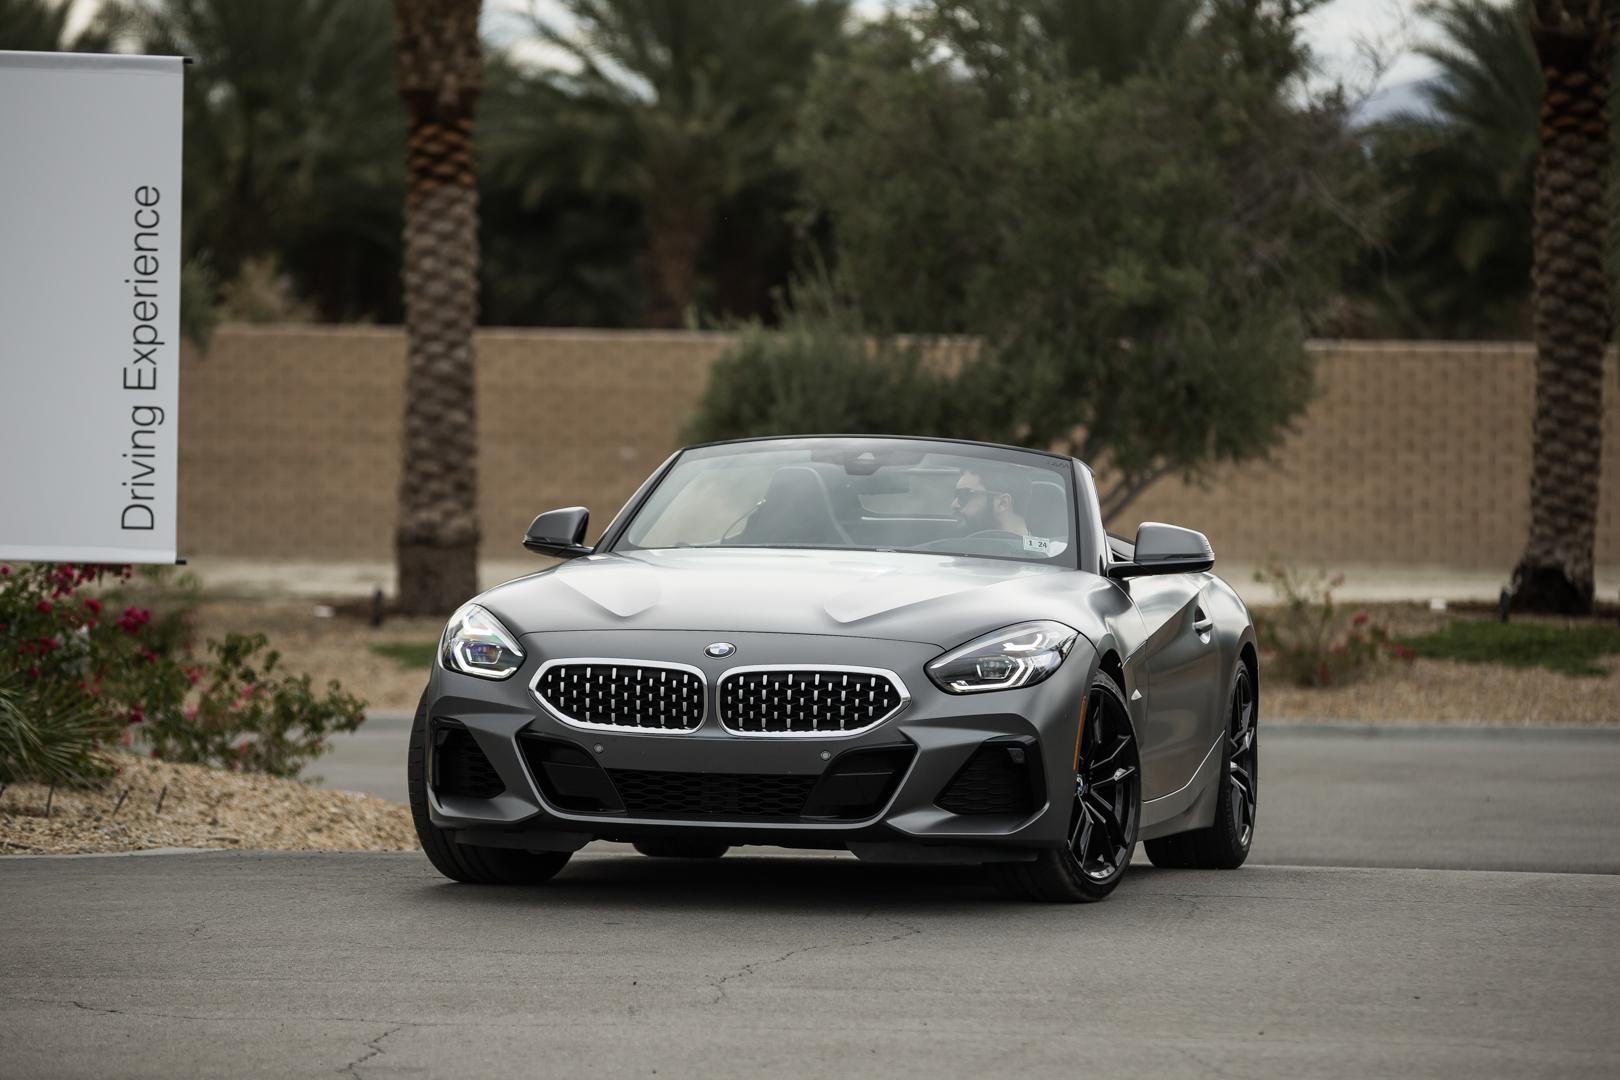 TEST DRIVE: 2019 BMW Z4 sDrive30i -- No Straight-Six, No Problem